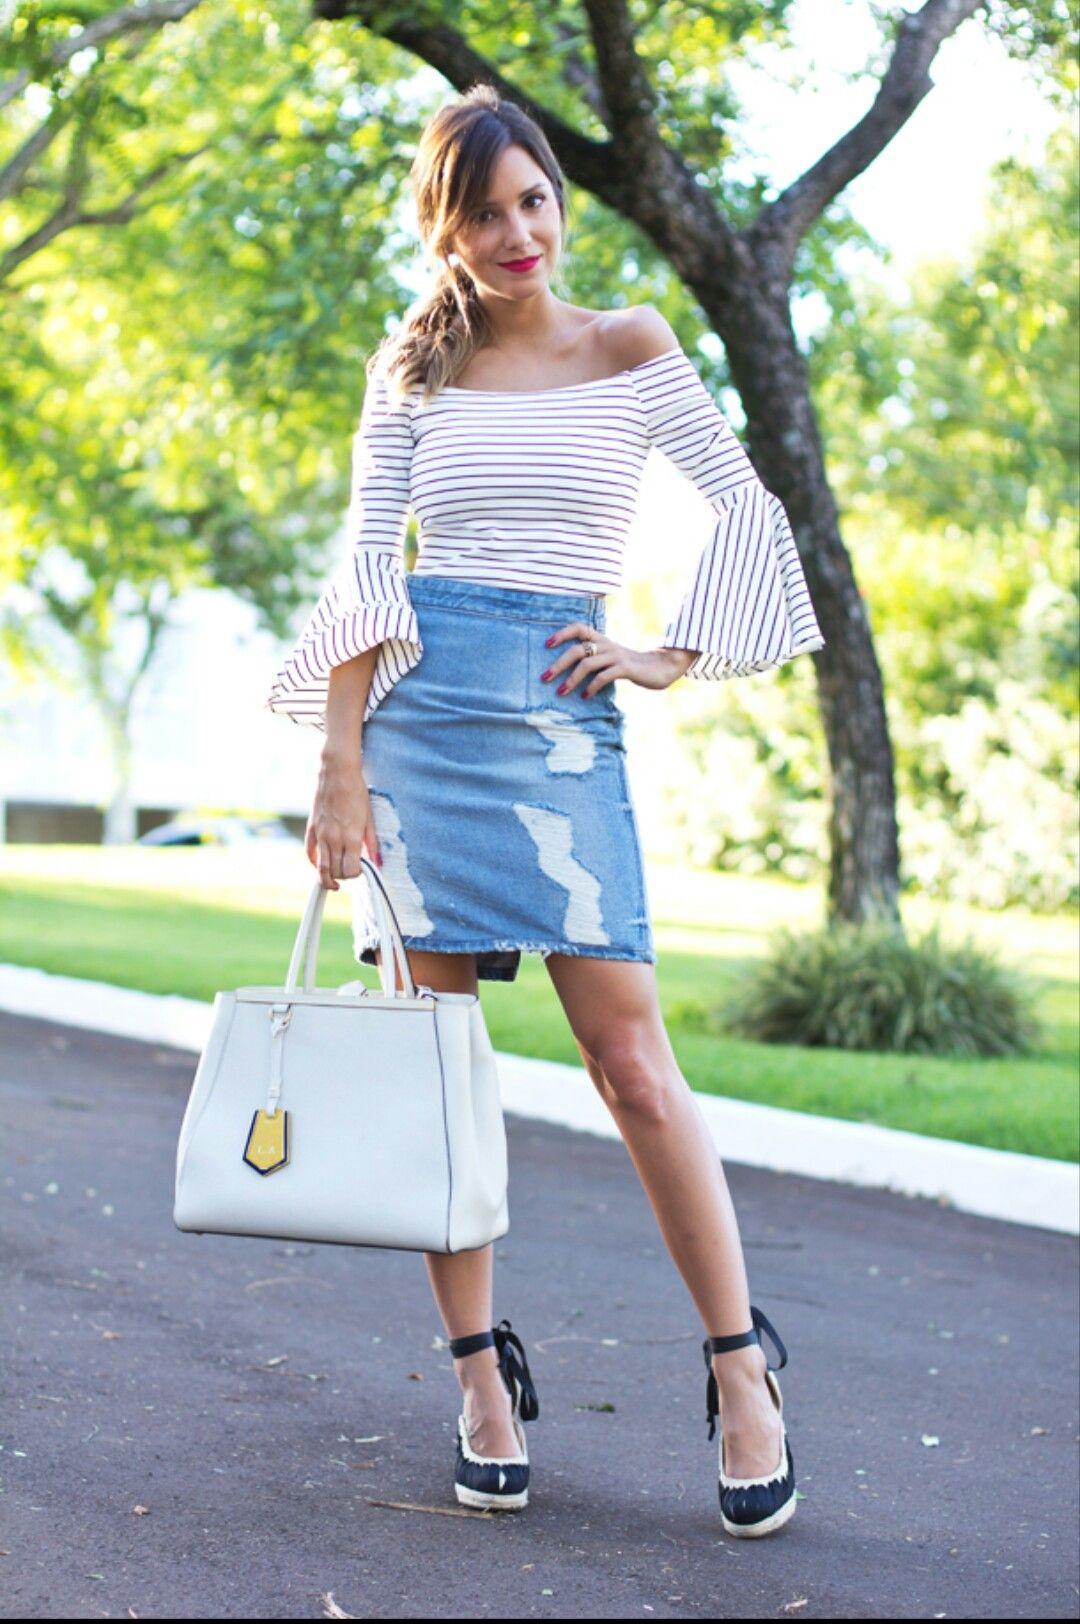 Precisando de inspiração para o final de semana e para looks mais despojados e modernos? Invista na Saia jeans! Ta em alta!